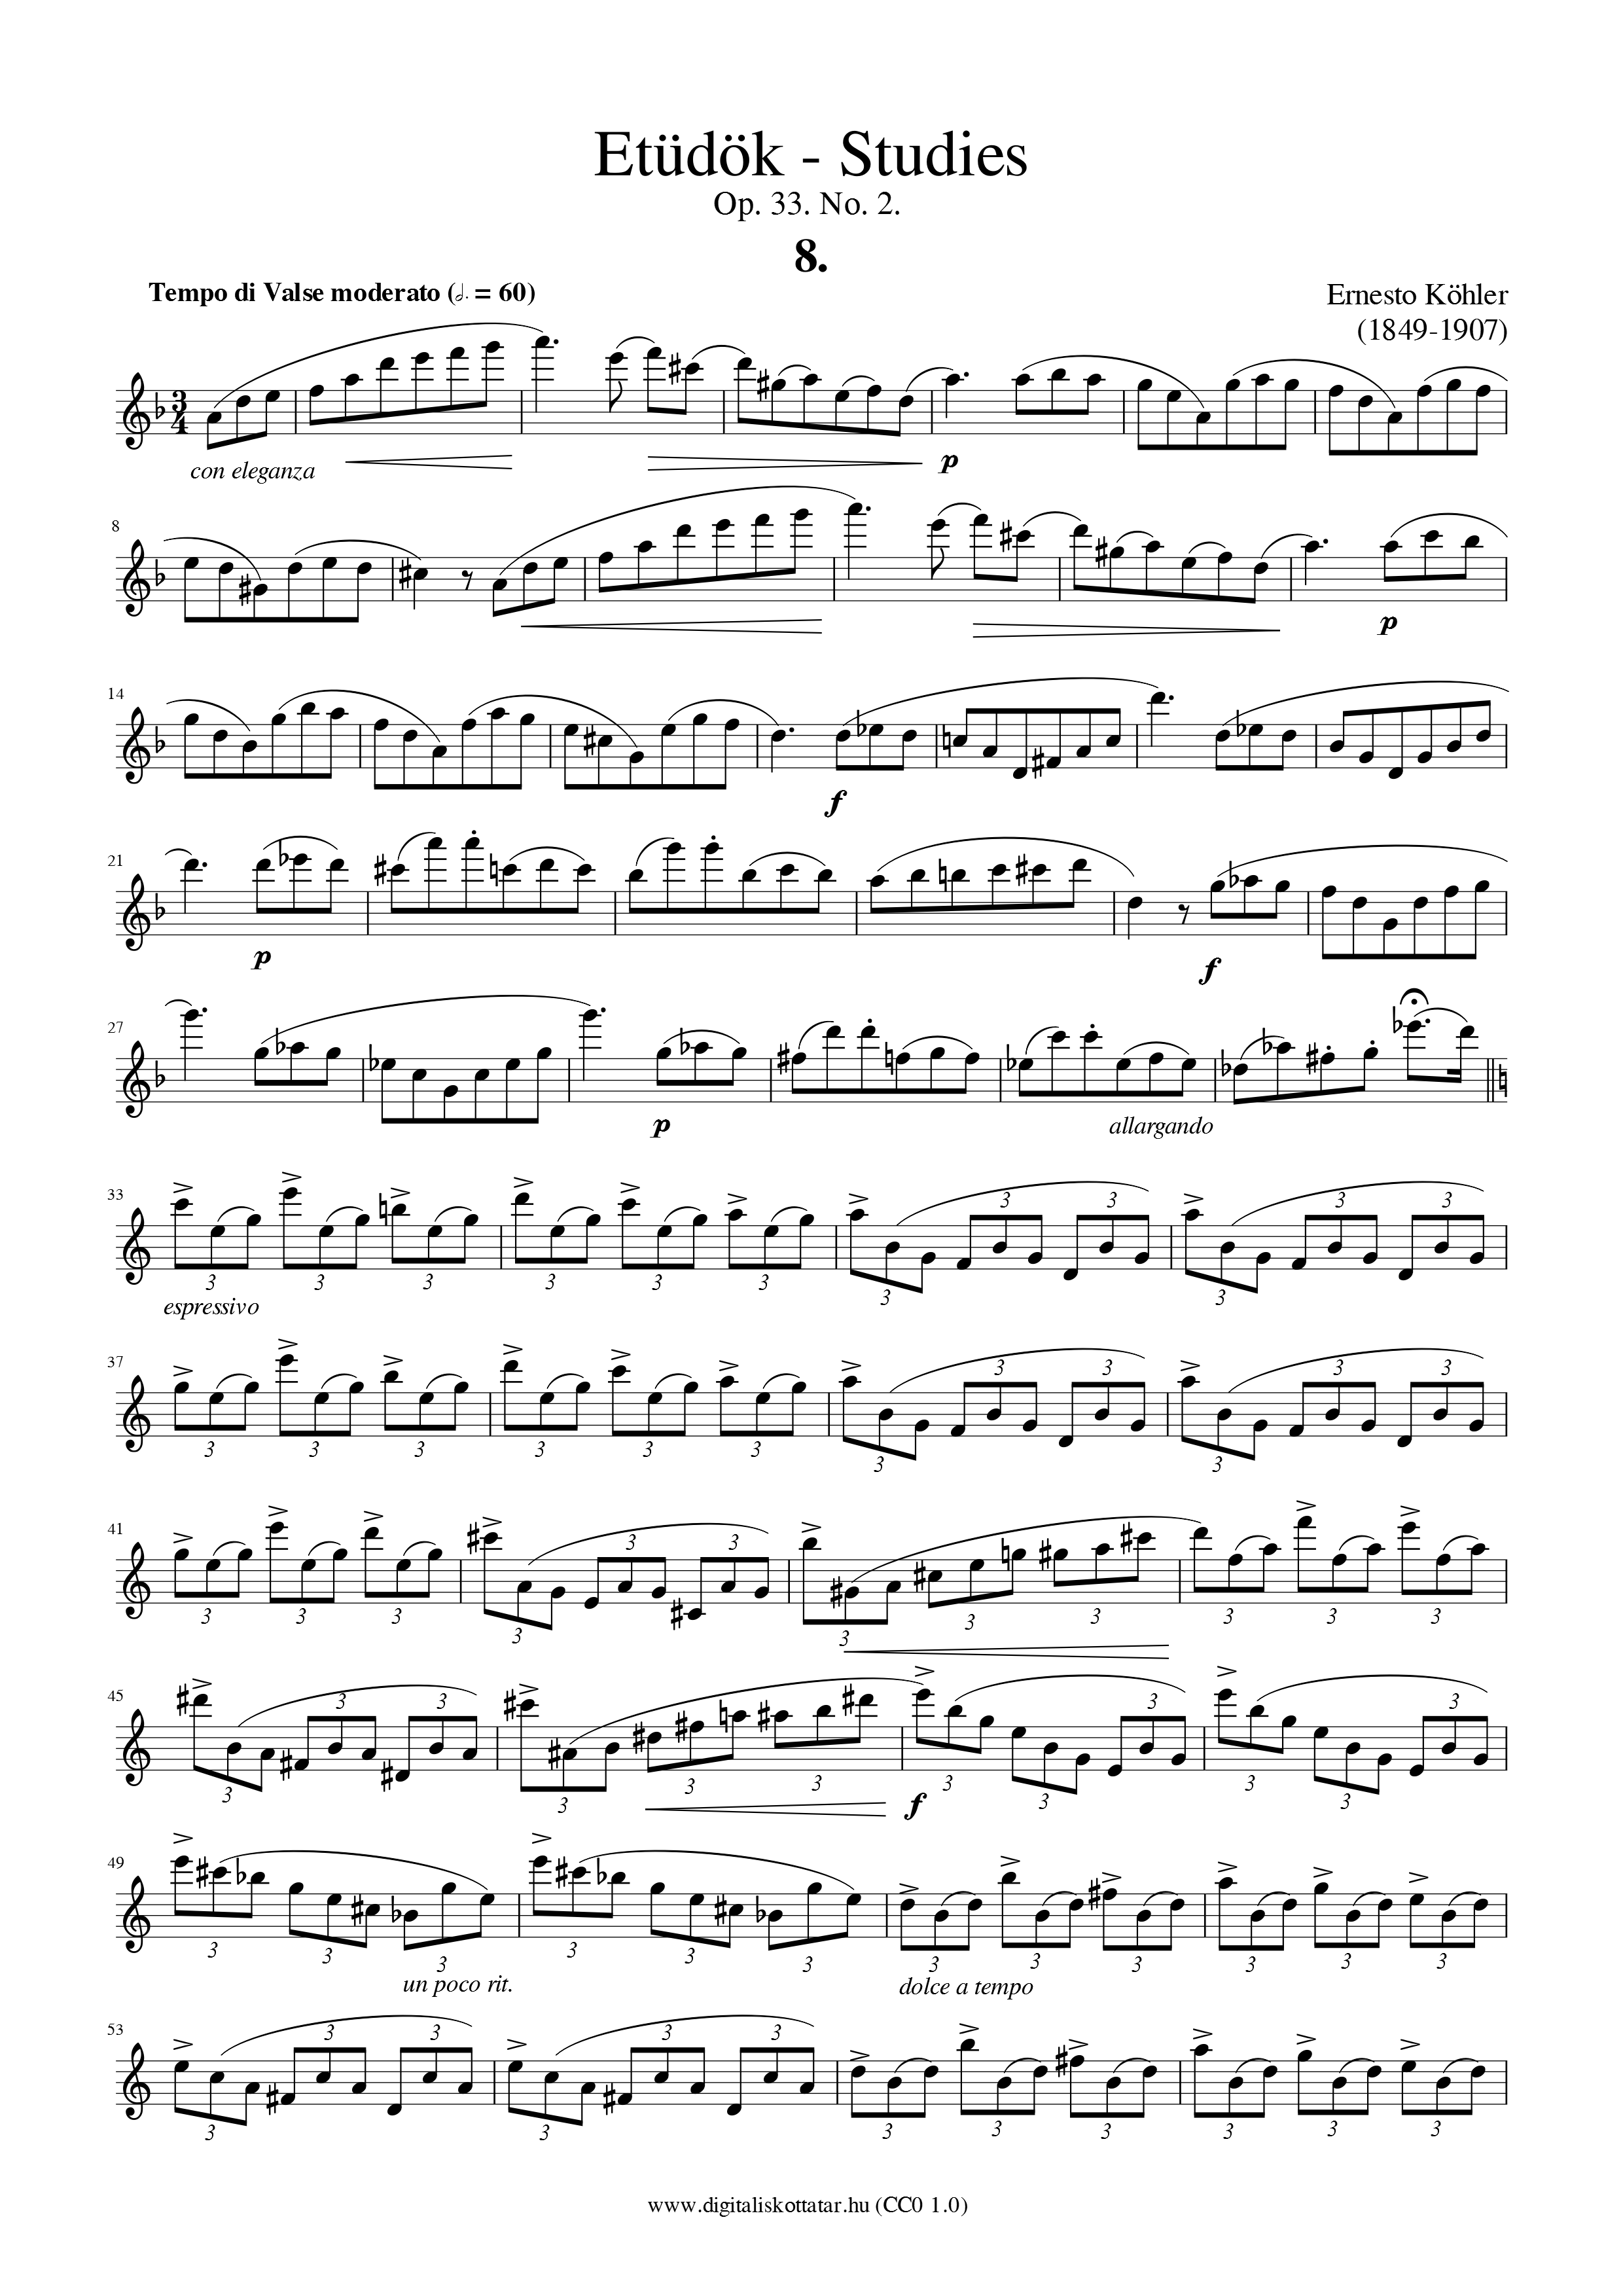 E_Kohler_Op_33_No_2_8-1